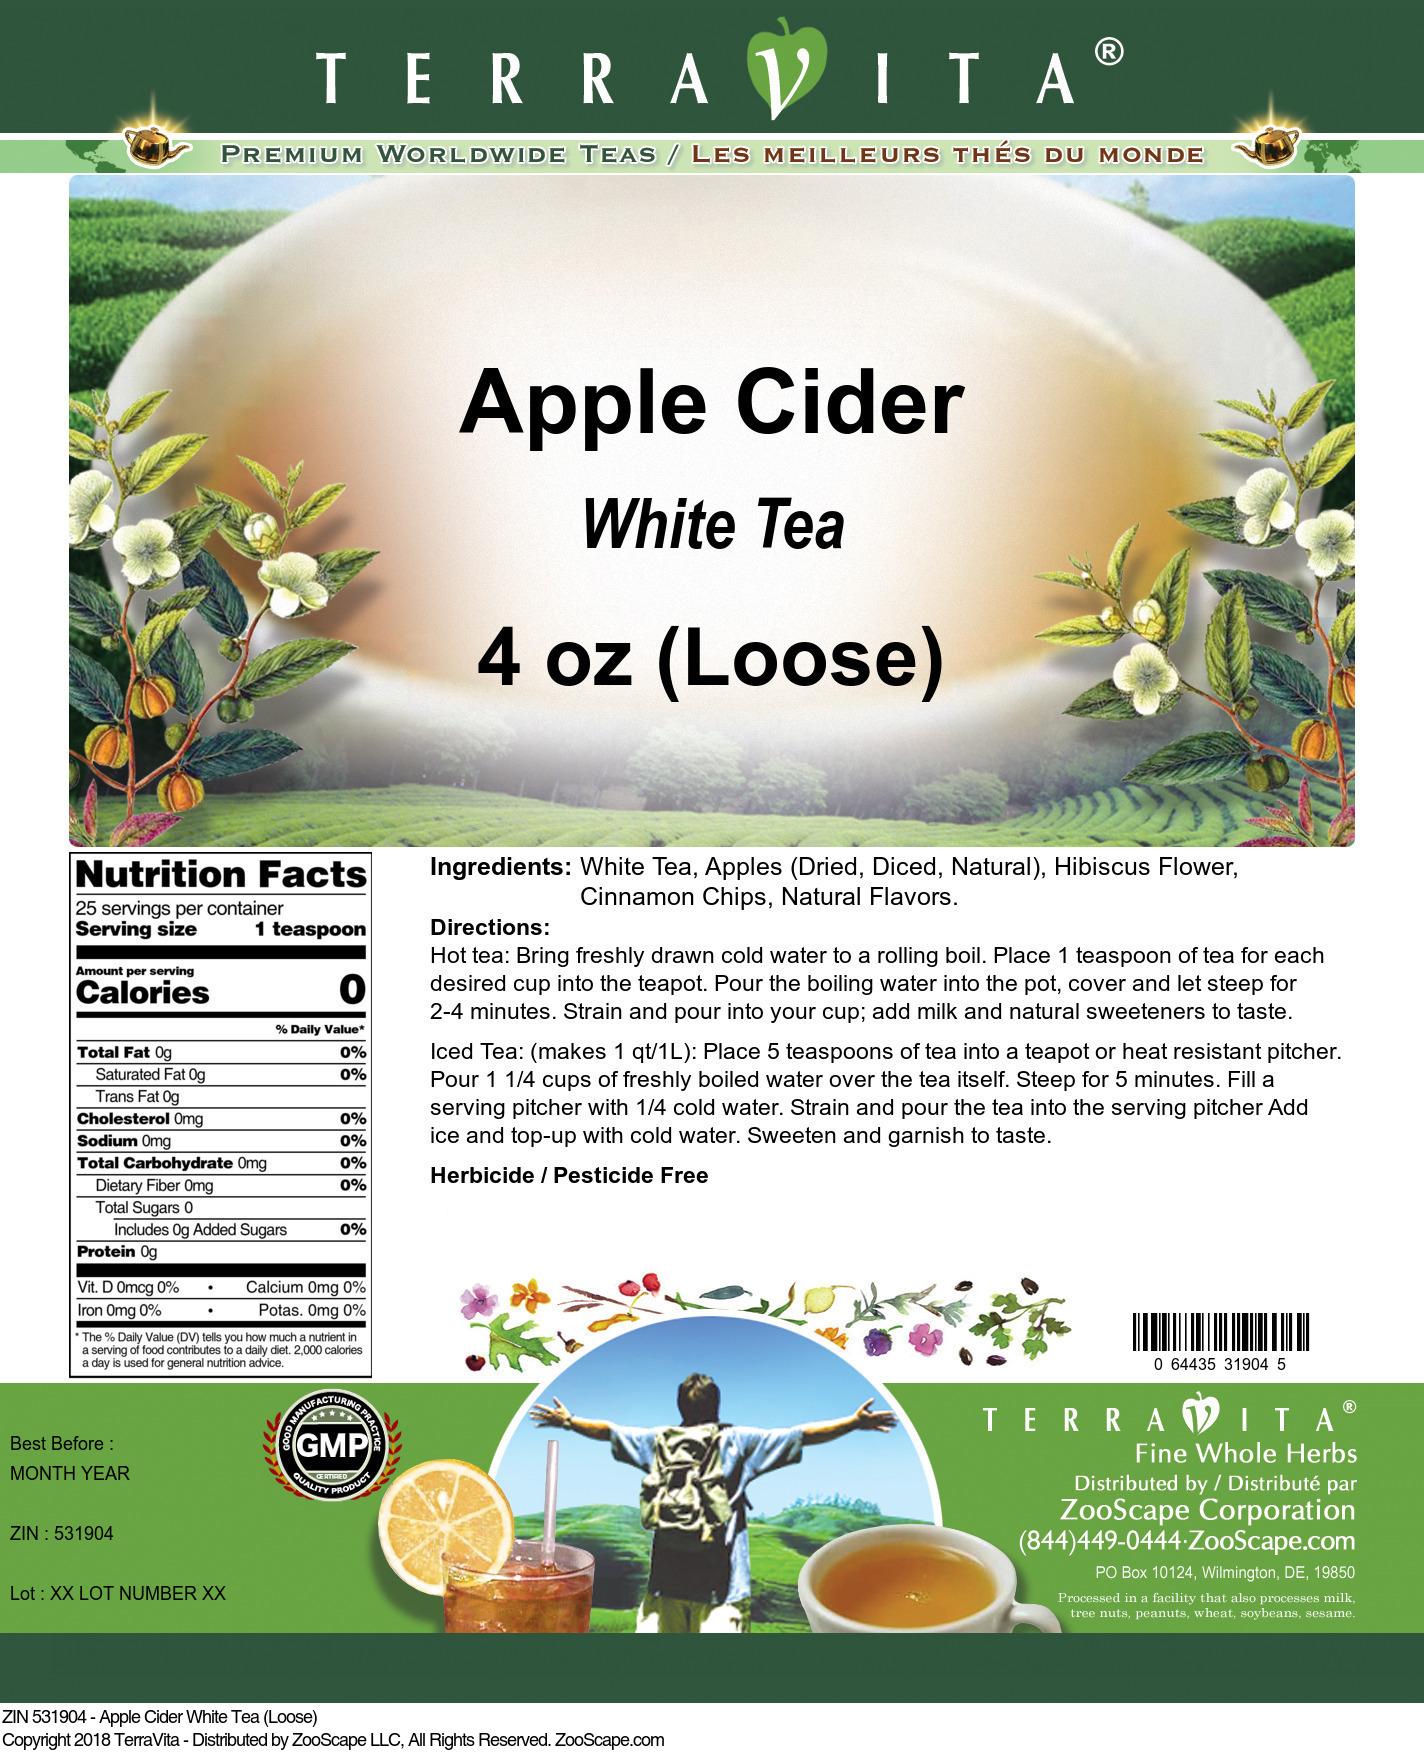 Apple Cider White Tea (Loose)